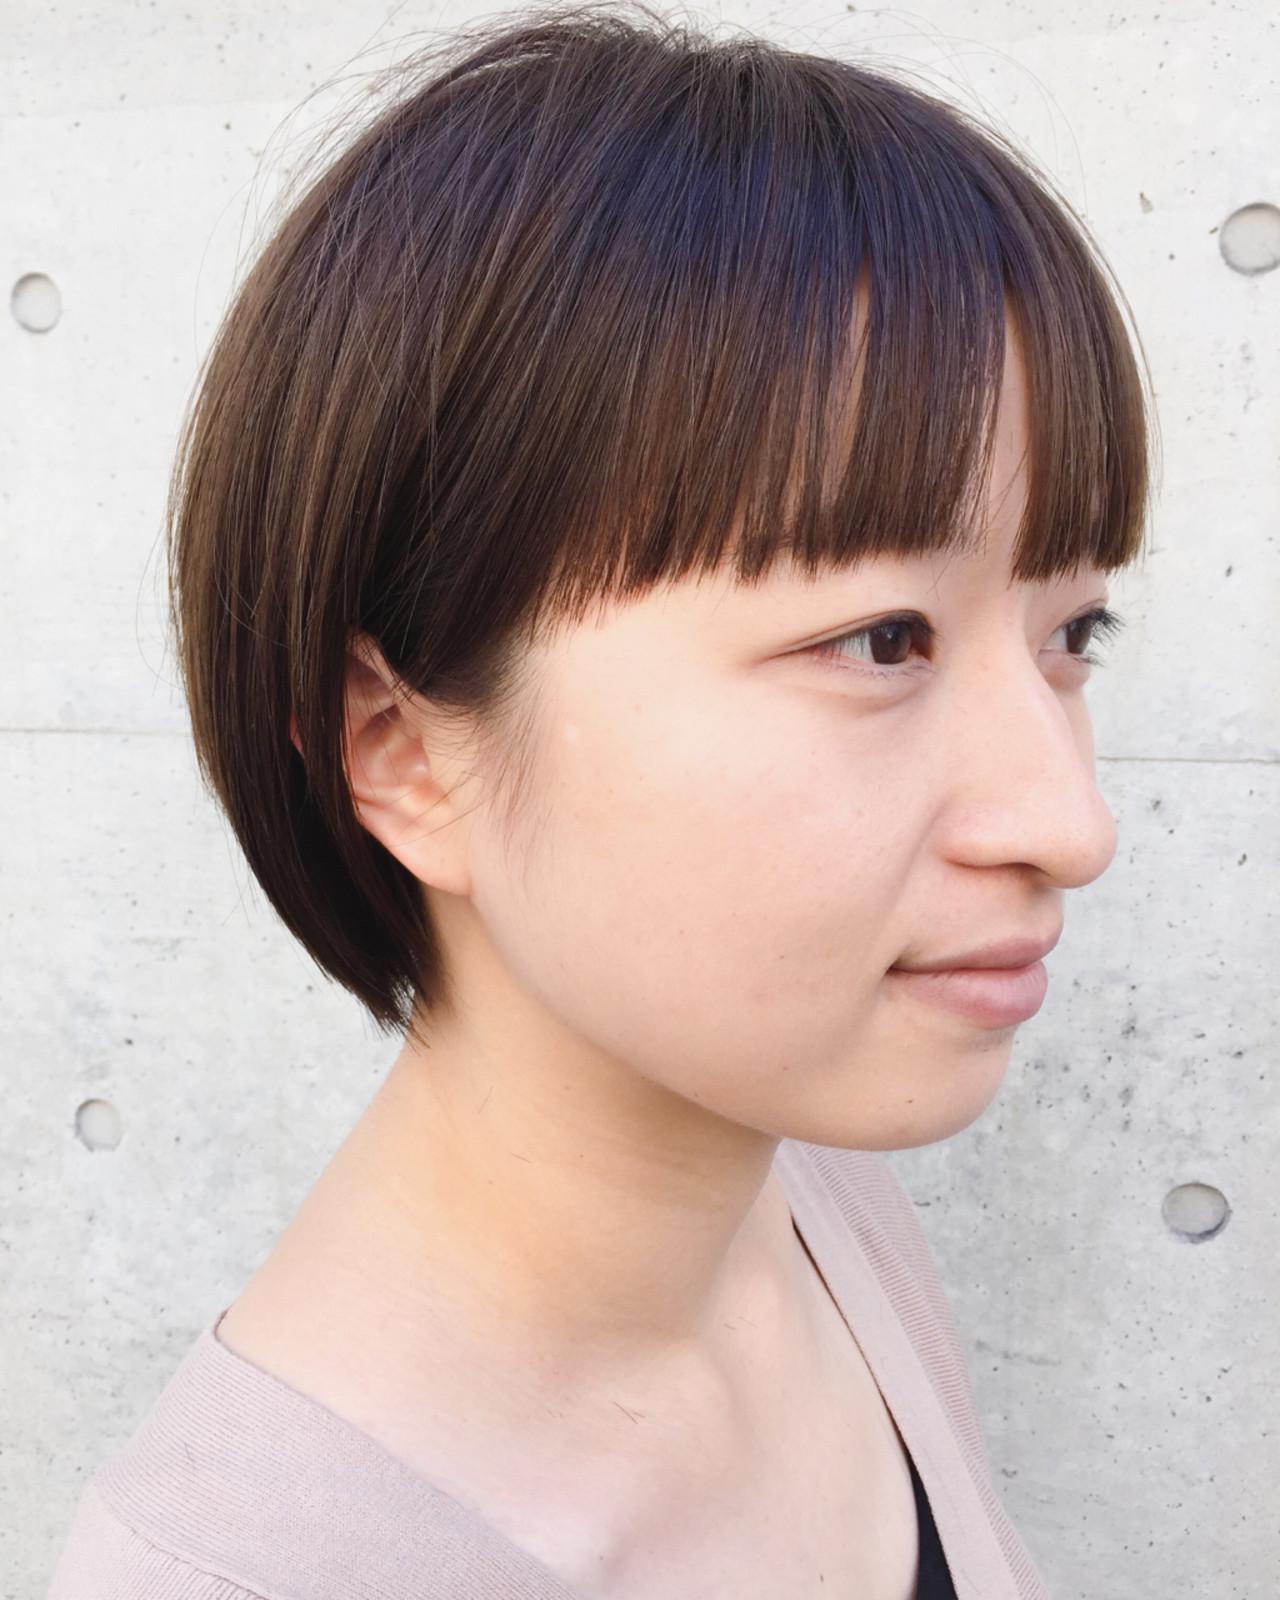 7トーンの控えめなアッシュブラウン 田村 恵介